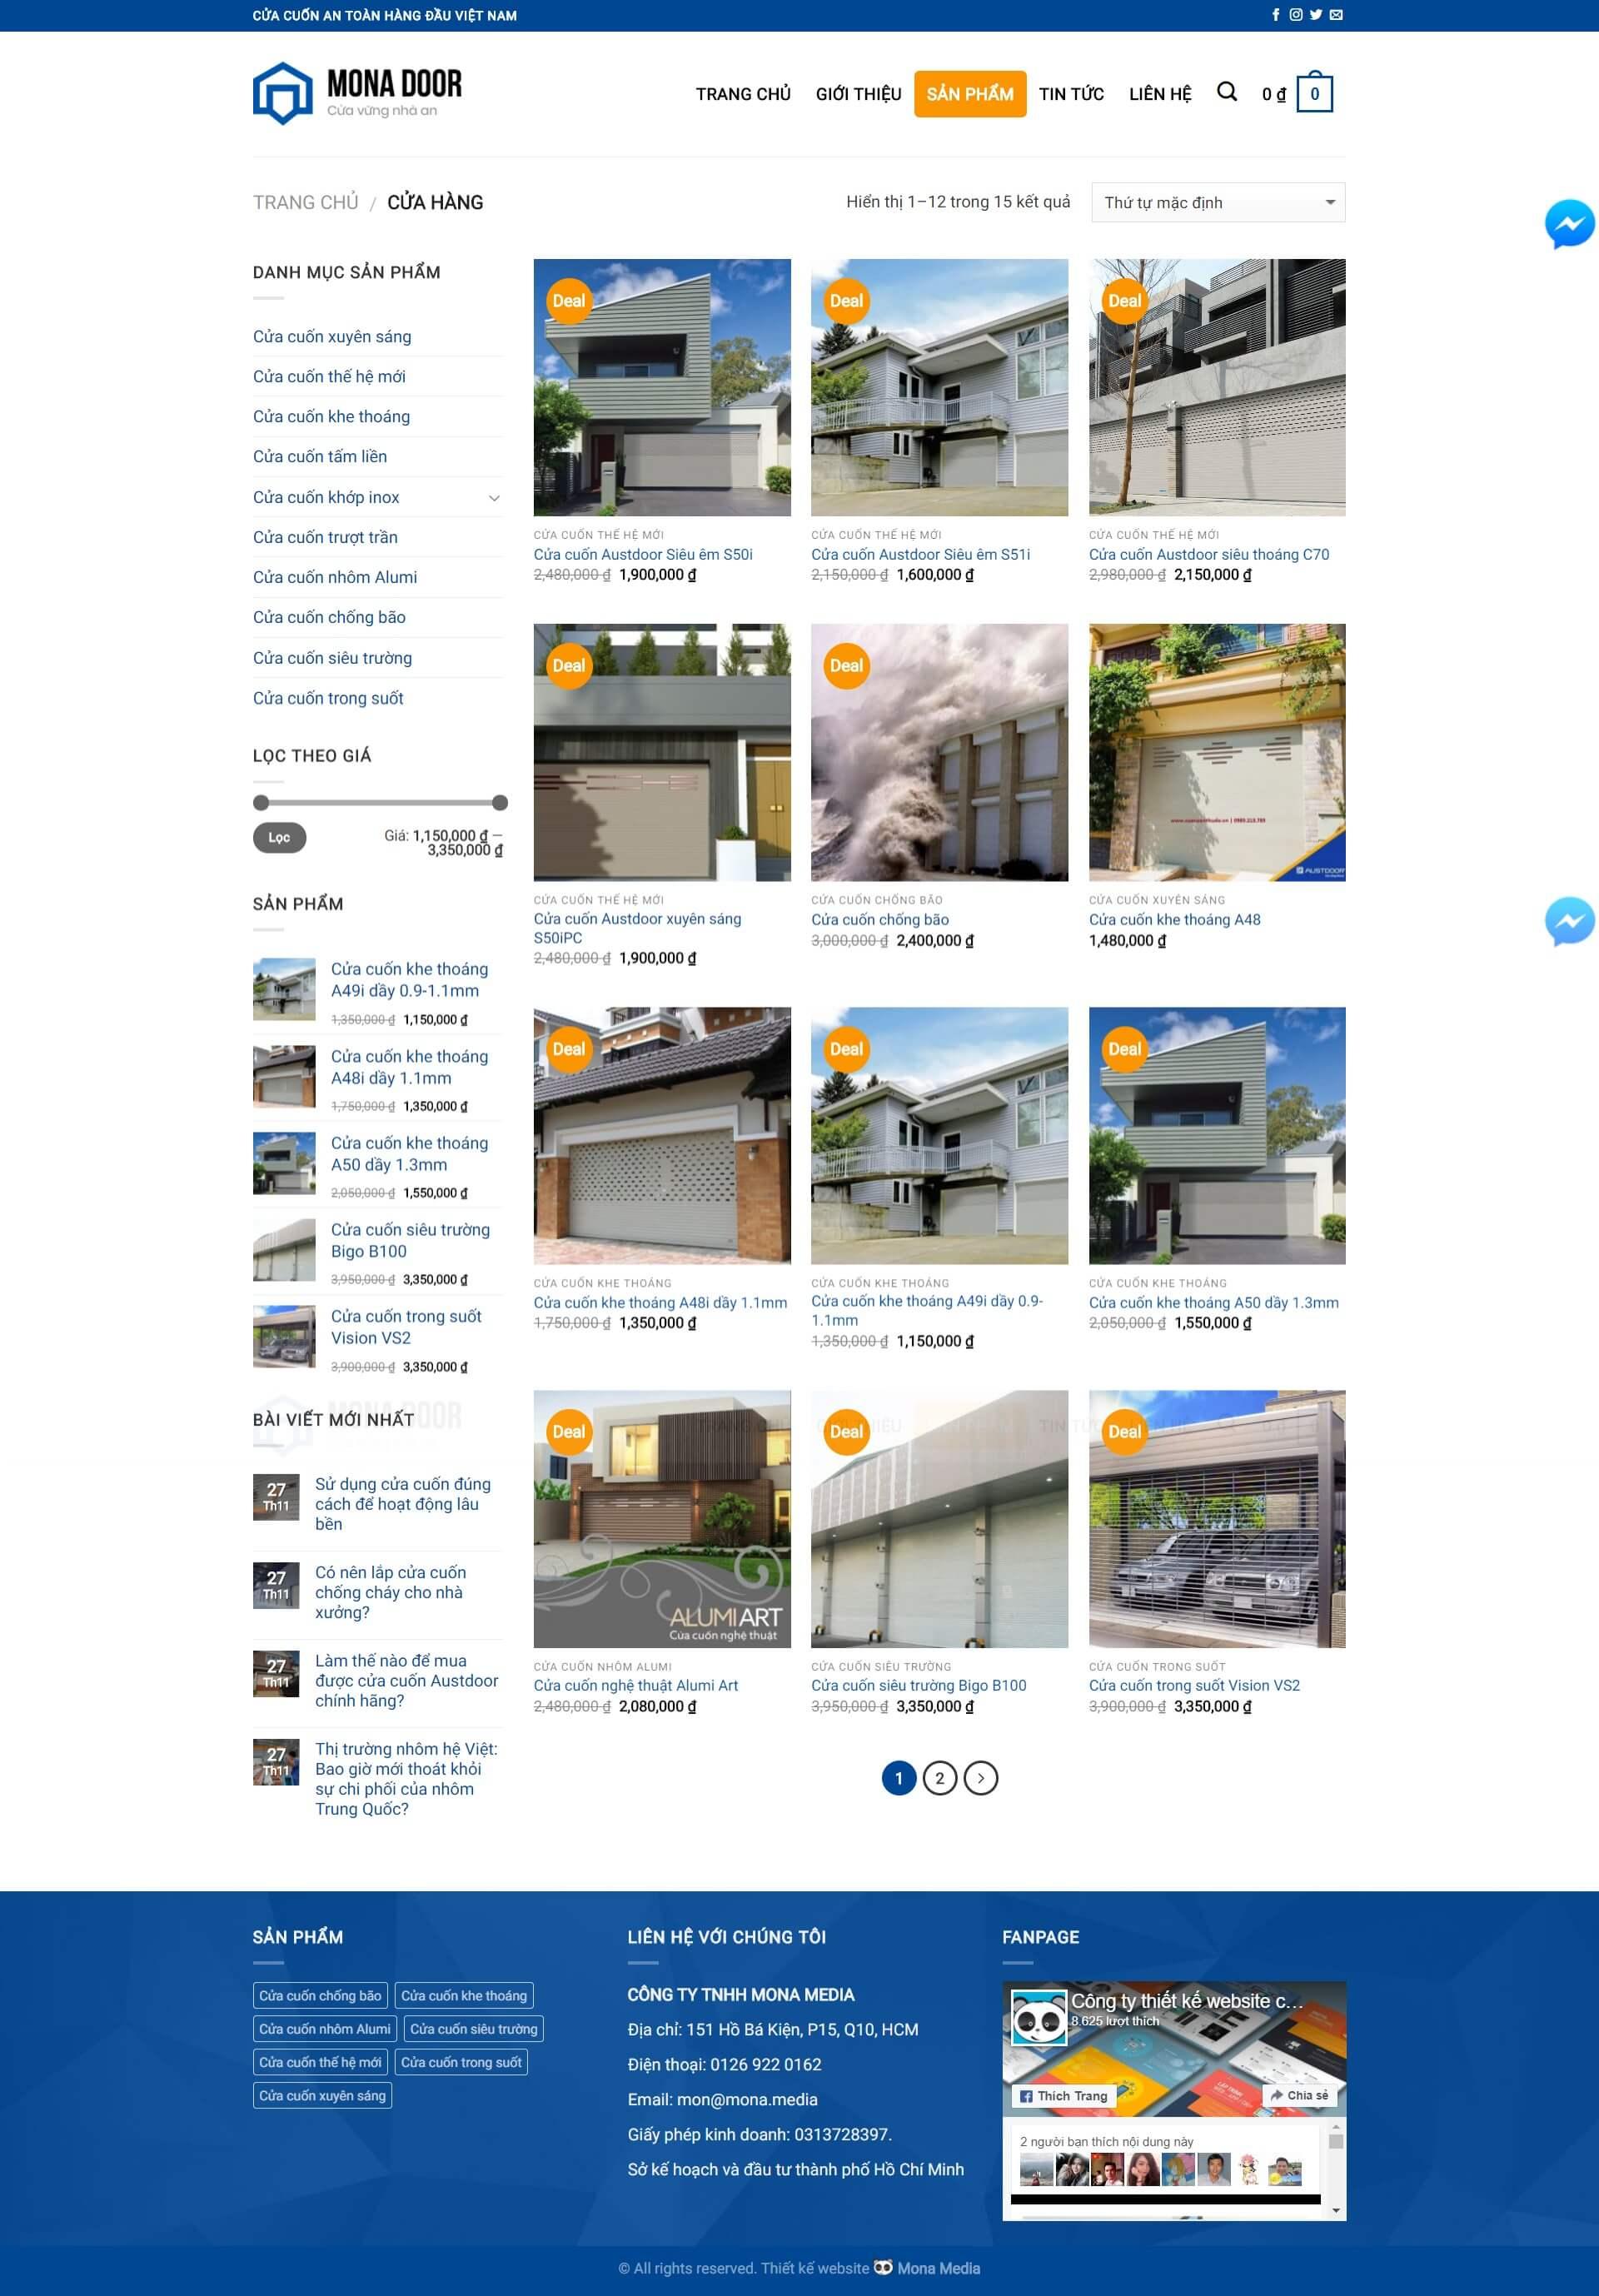 Mẫu website dụng cụ công nghiệp